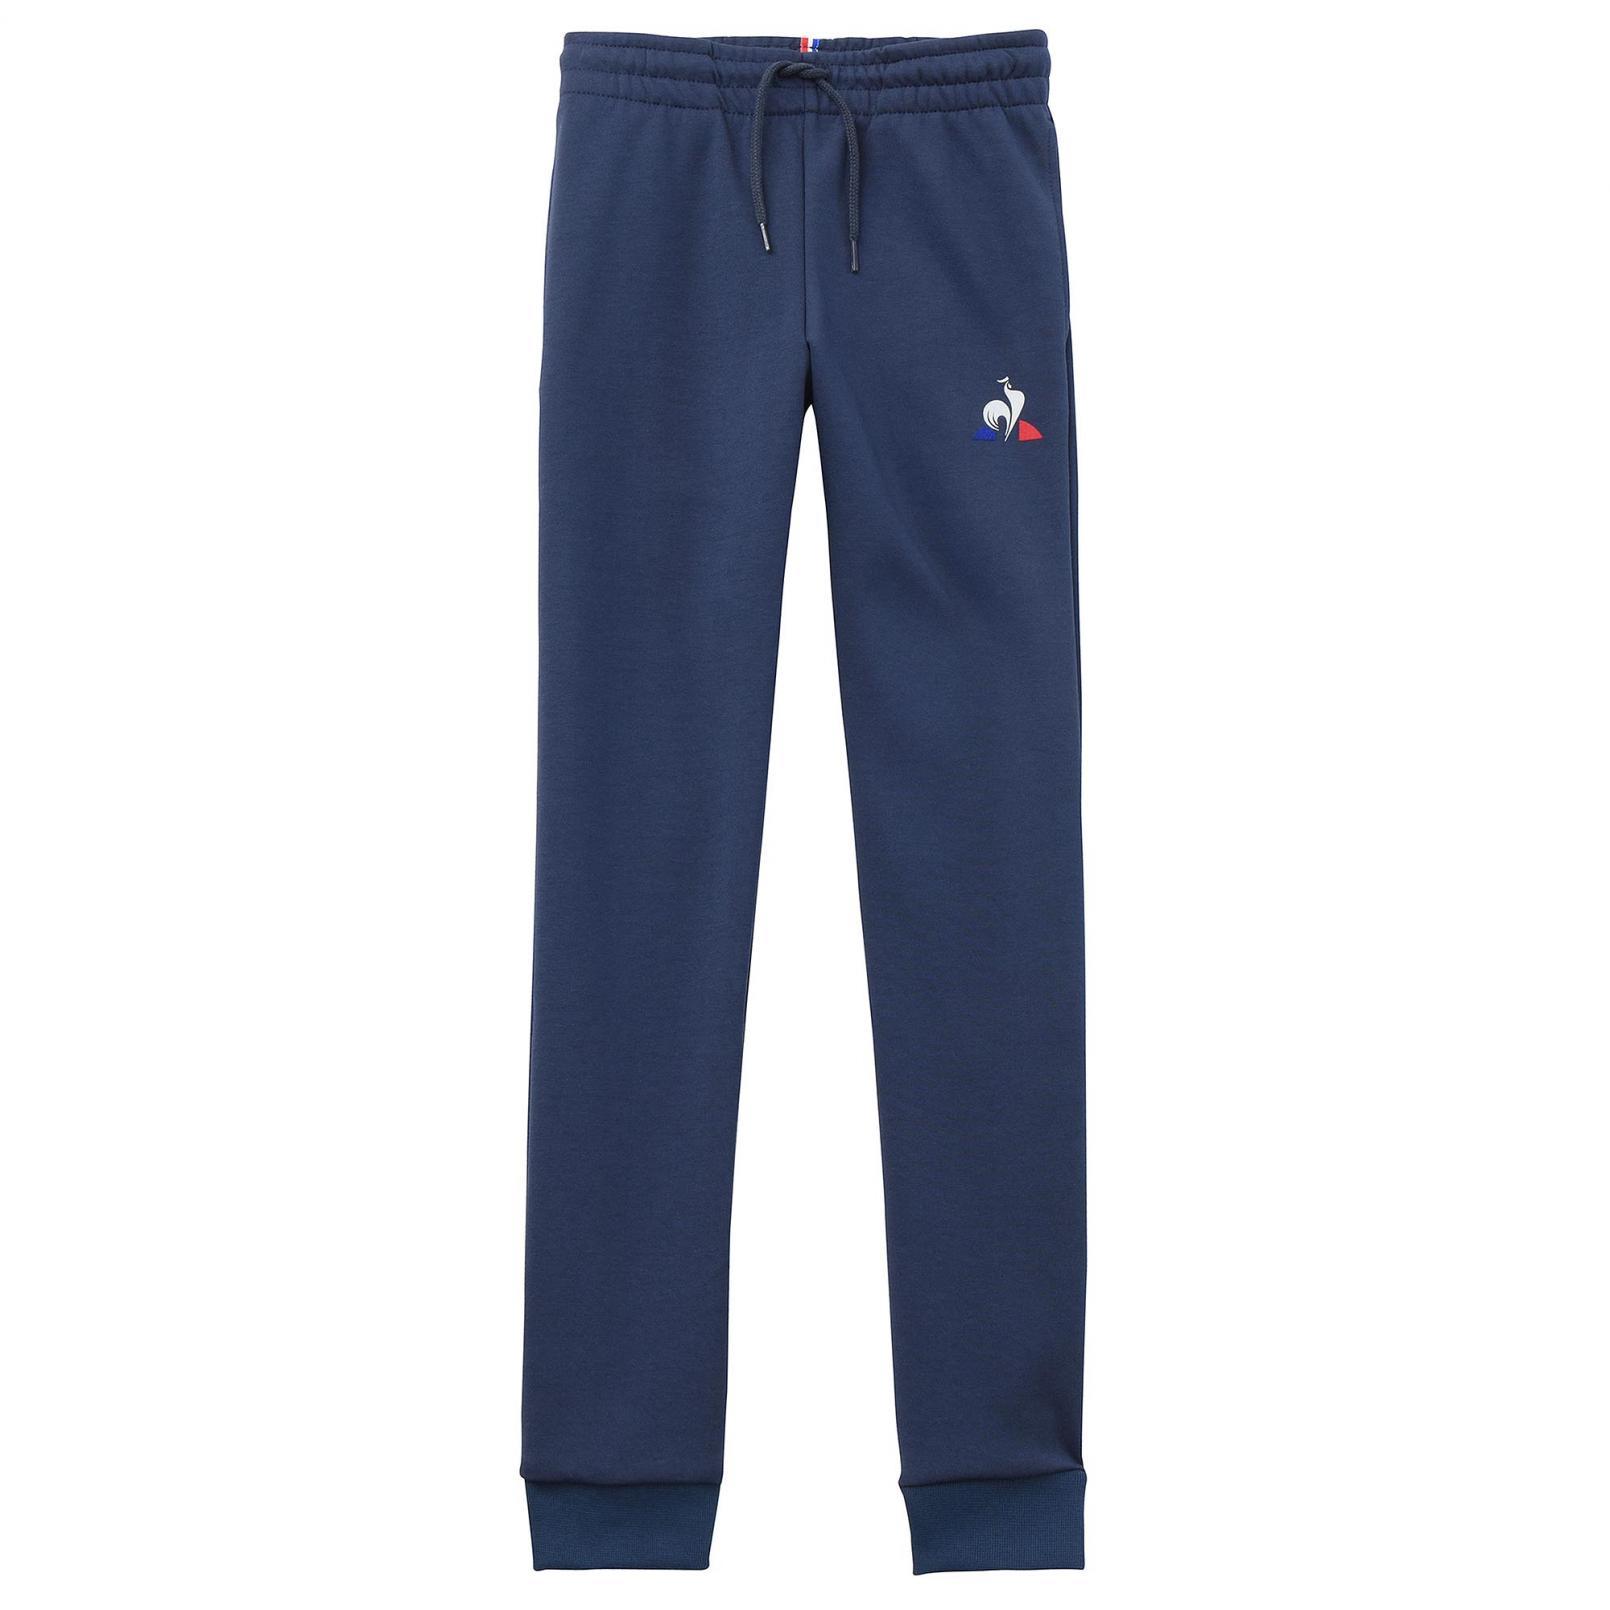 Kids Apparel – Le Coq Sportif Essentiels Pant Slim Blue